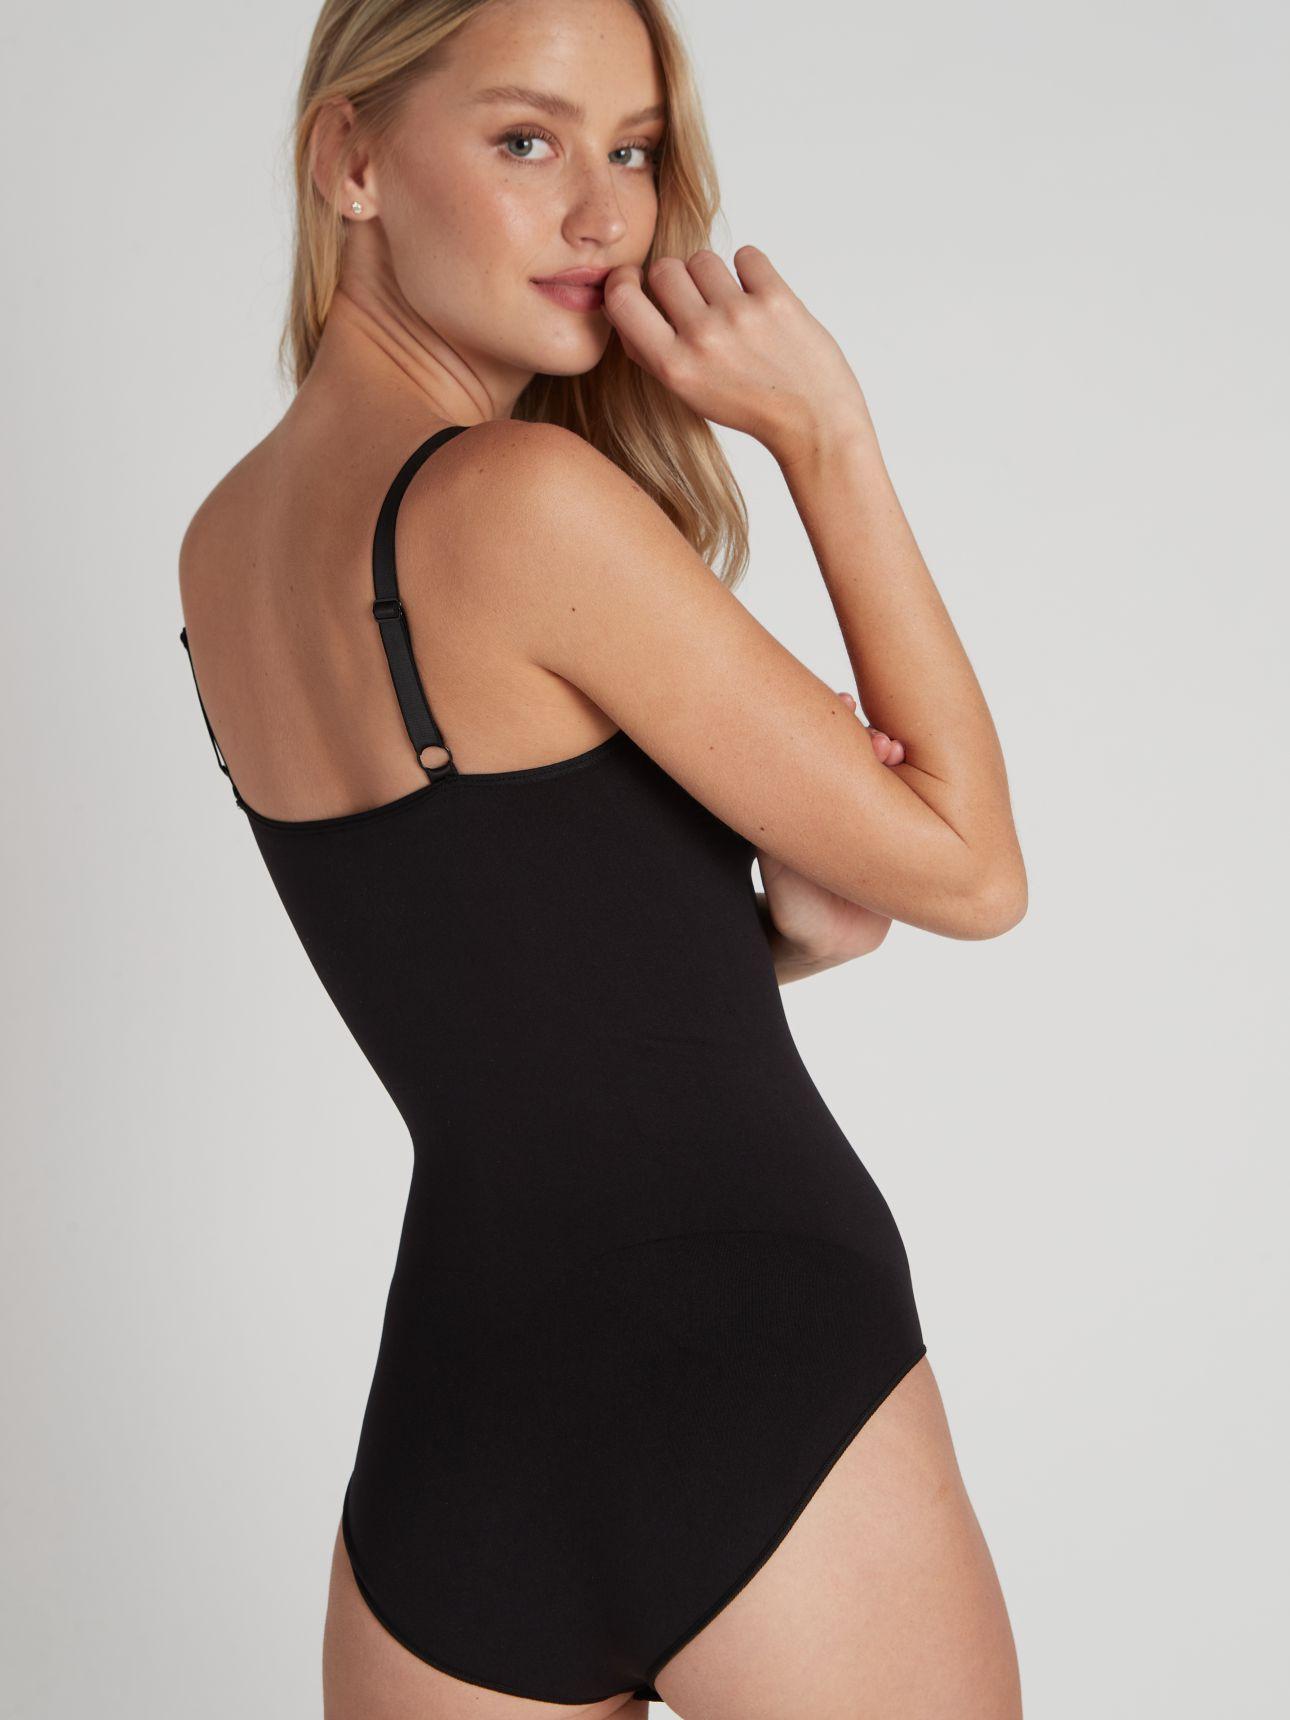 בגד גוף מחטב ללא תפרים בצבע שחור